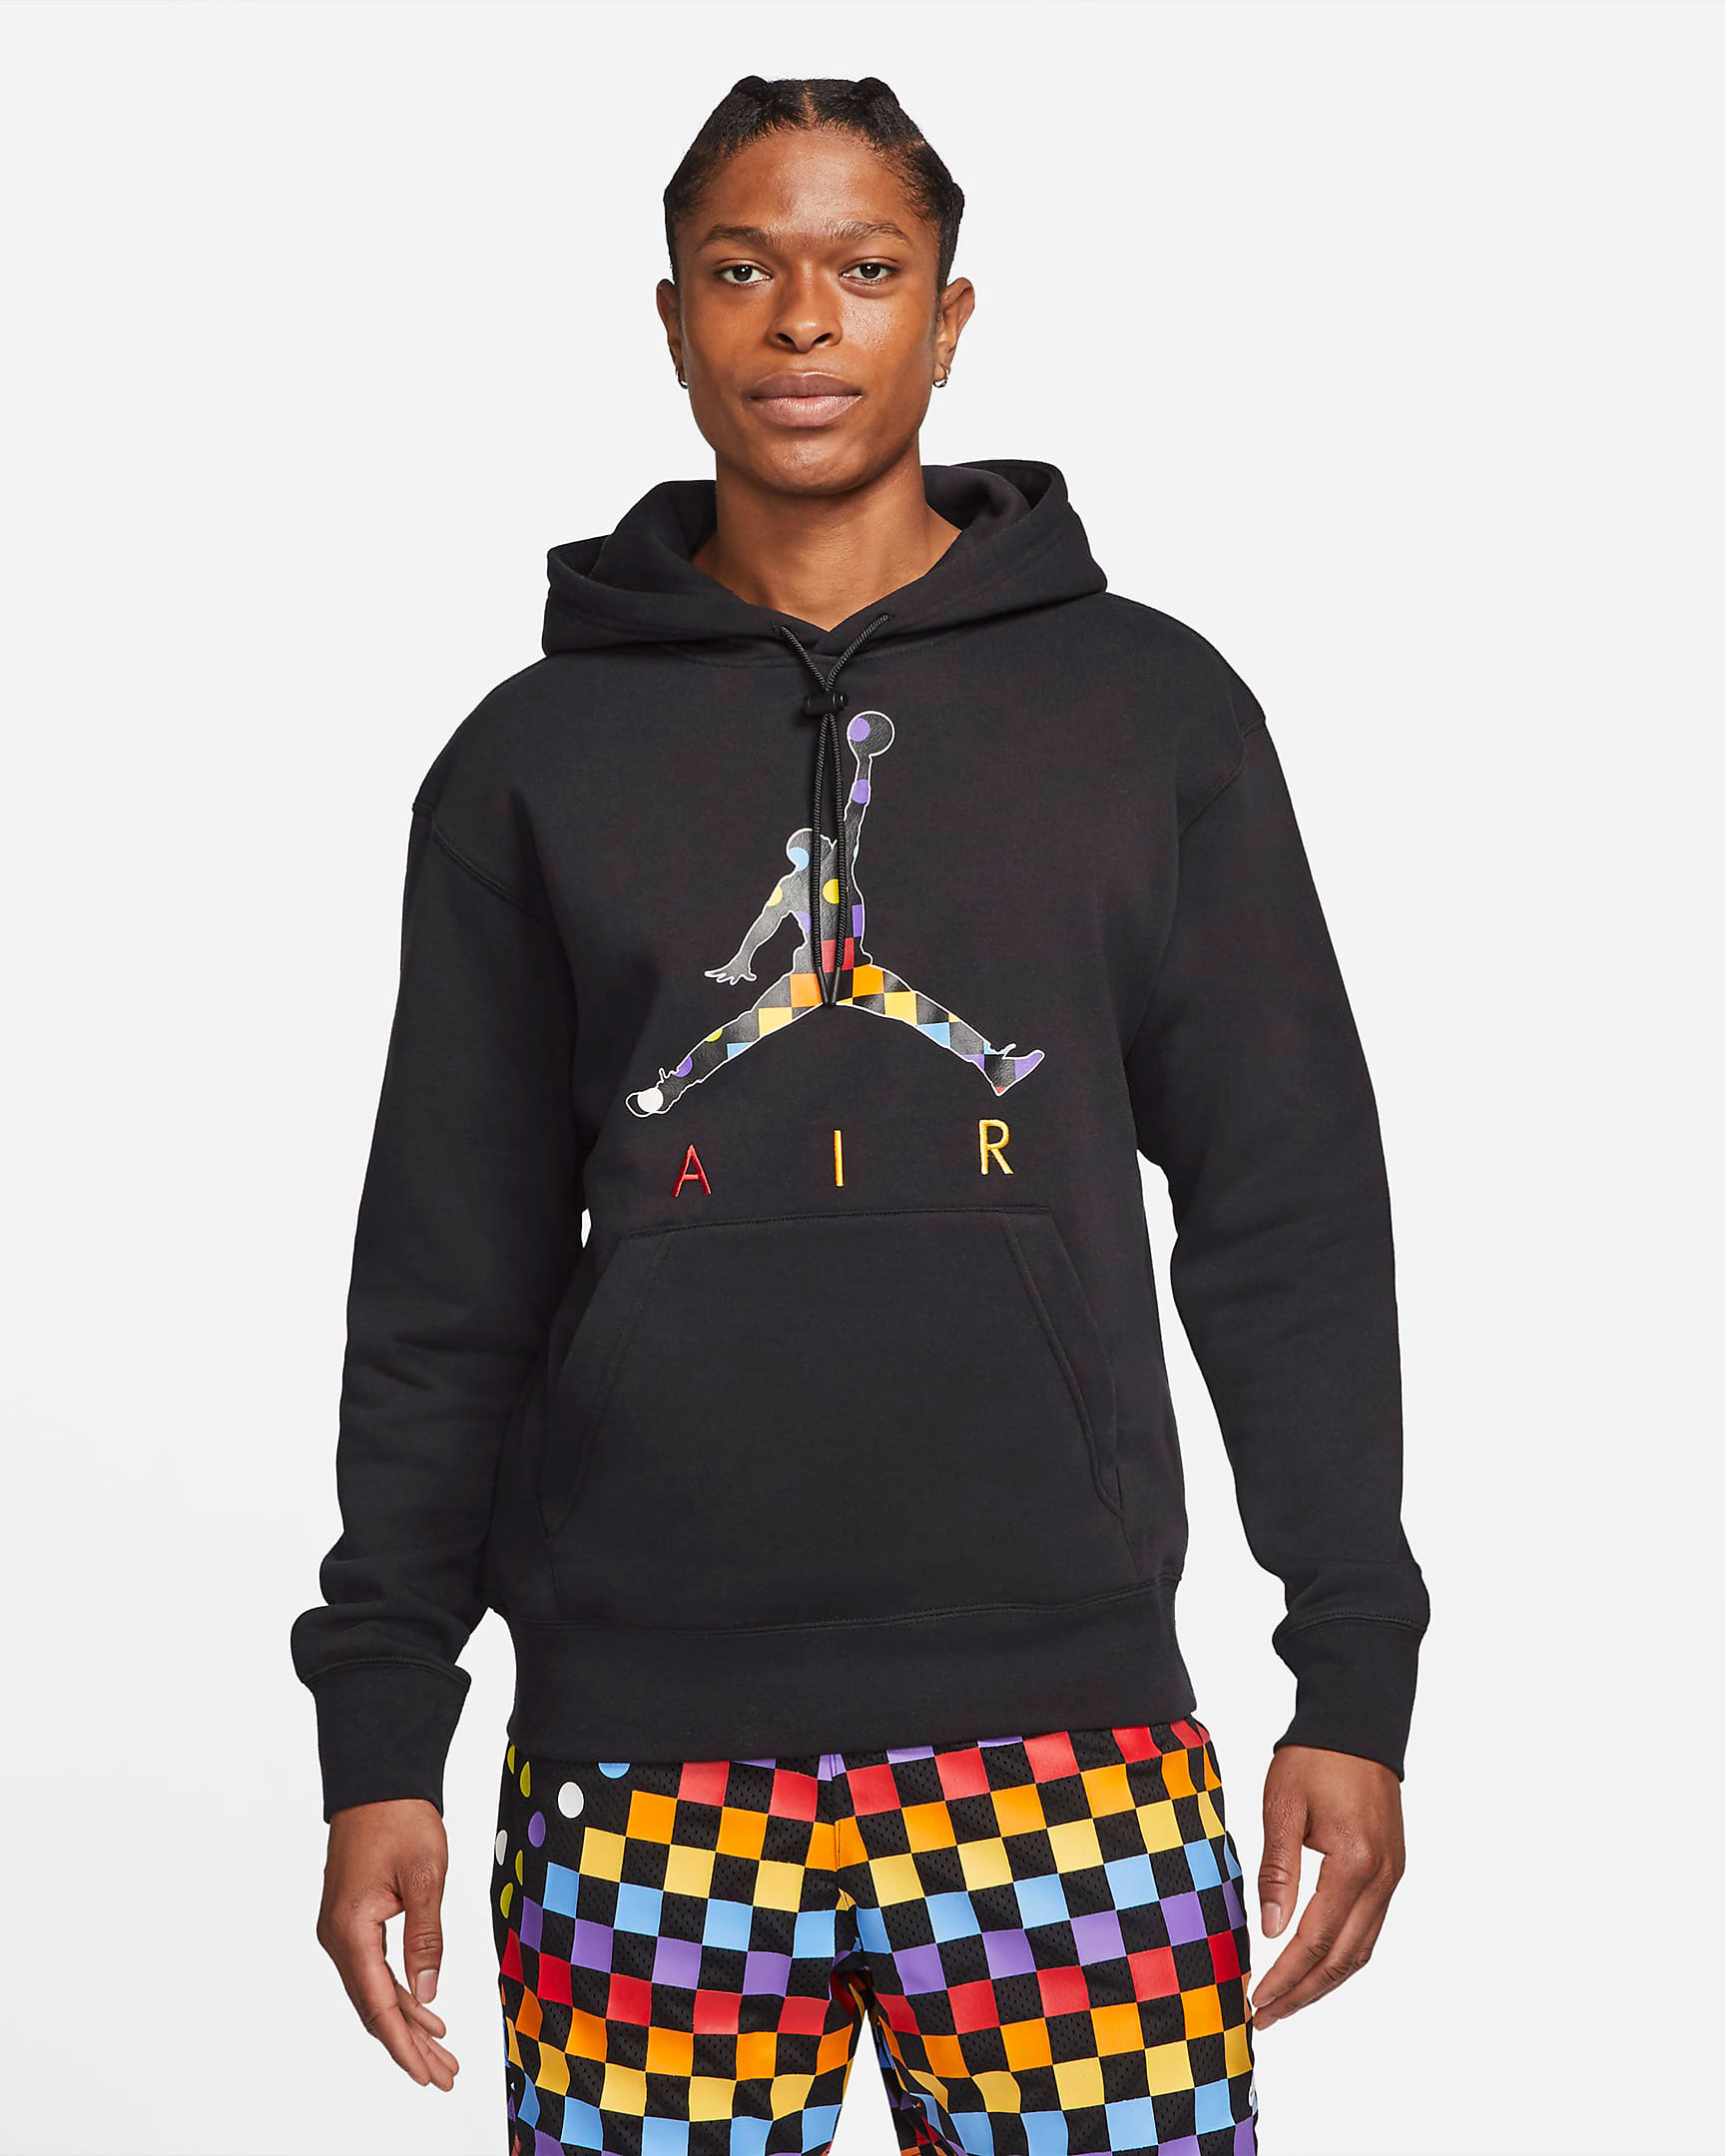 cool-air-jordan-3-2021-black-hoodie-1